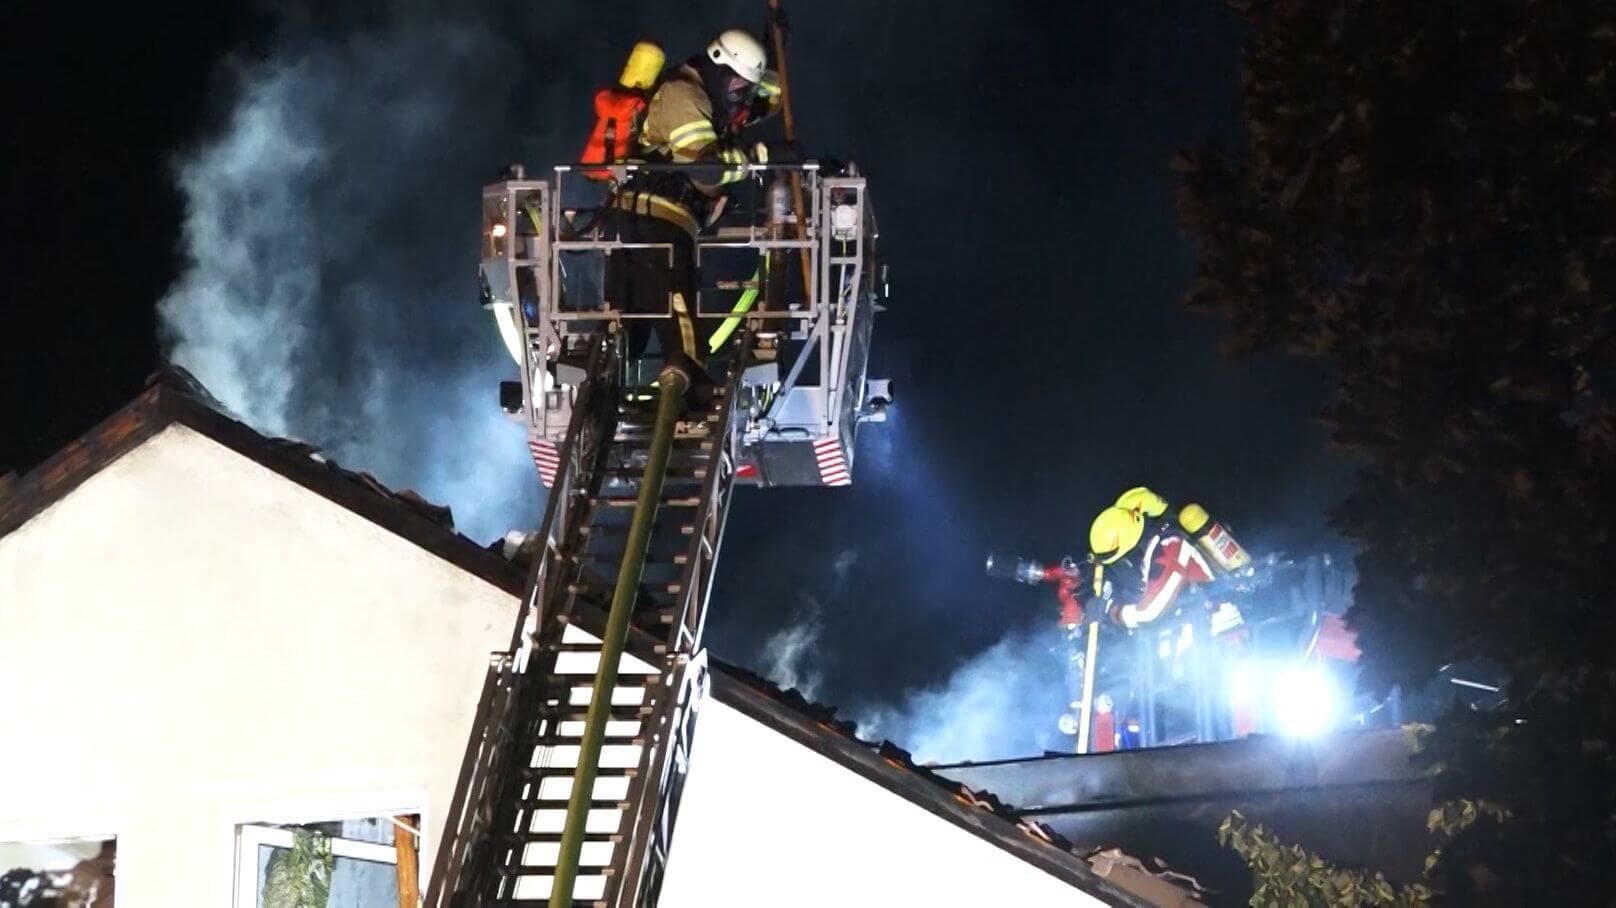 حريق ضخم في مبنى سكني و إجلاء عشرات السكان في ألمانيا